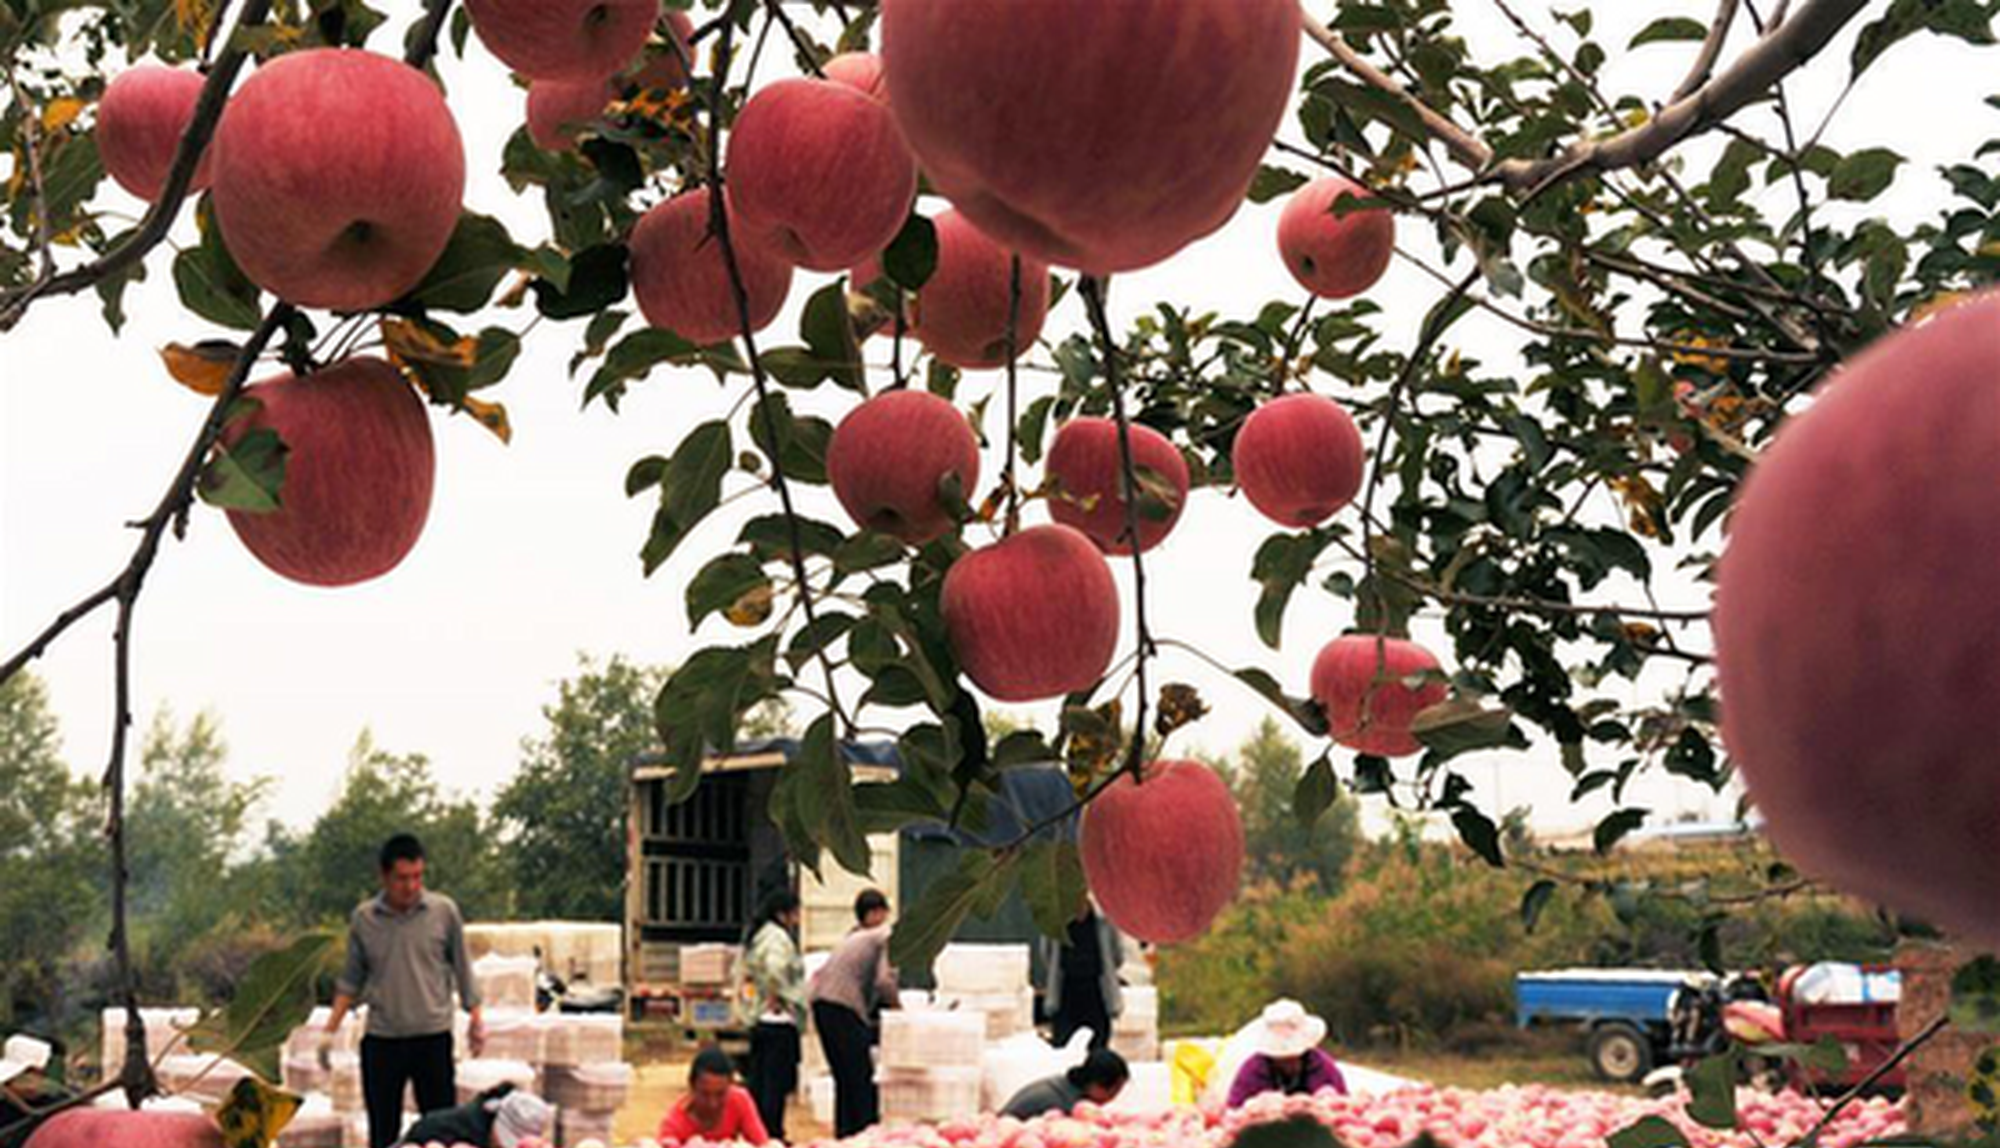 山西吉县八成以上贫困户依靠苹果脱贫